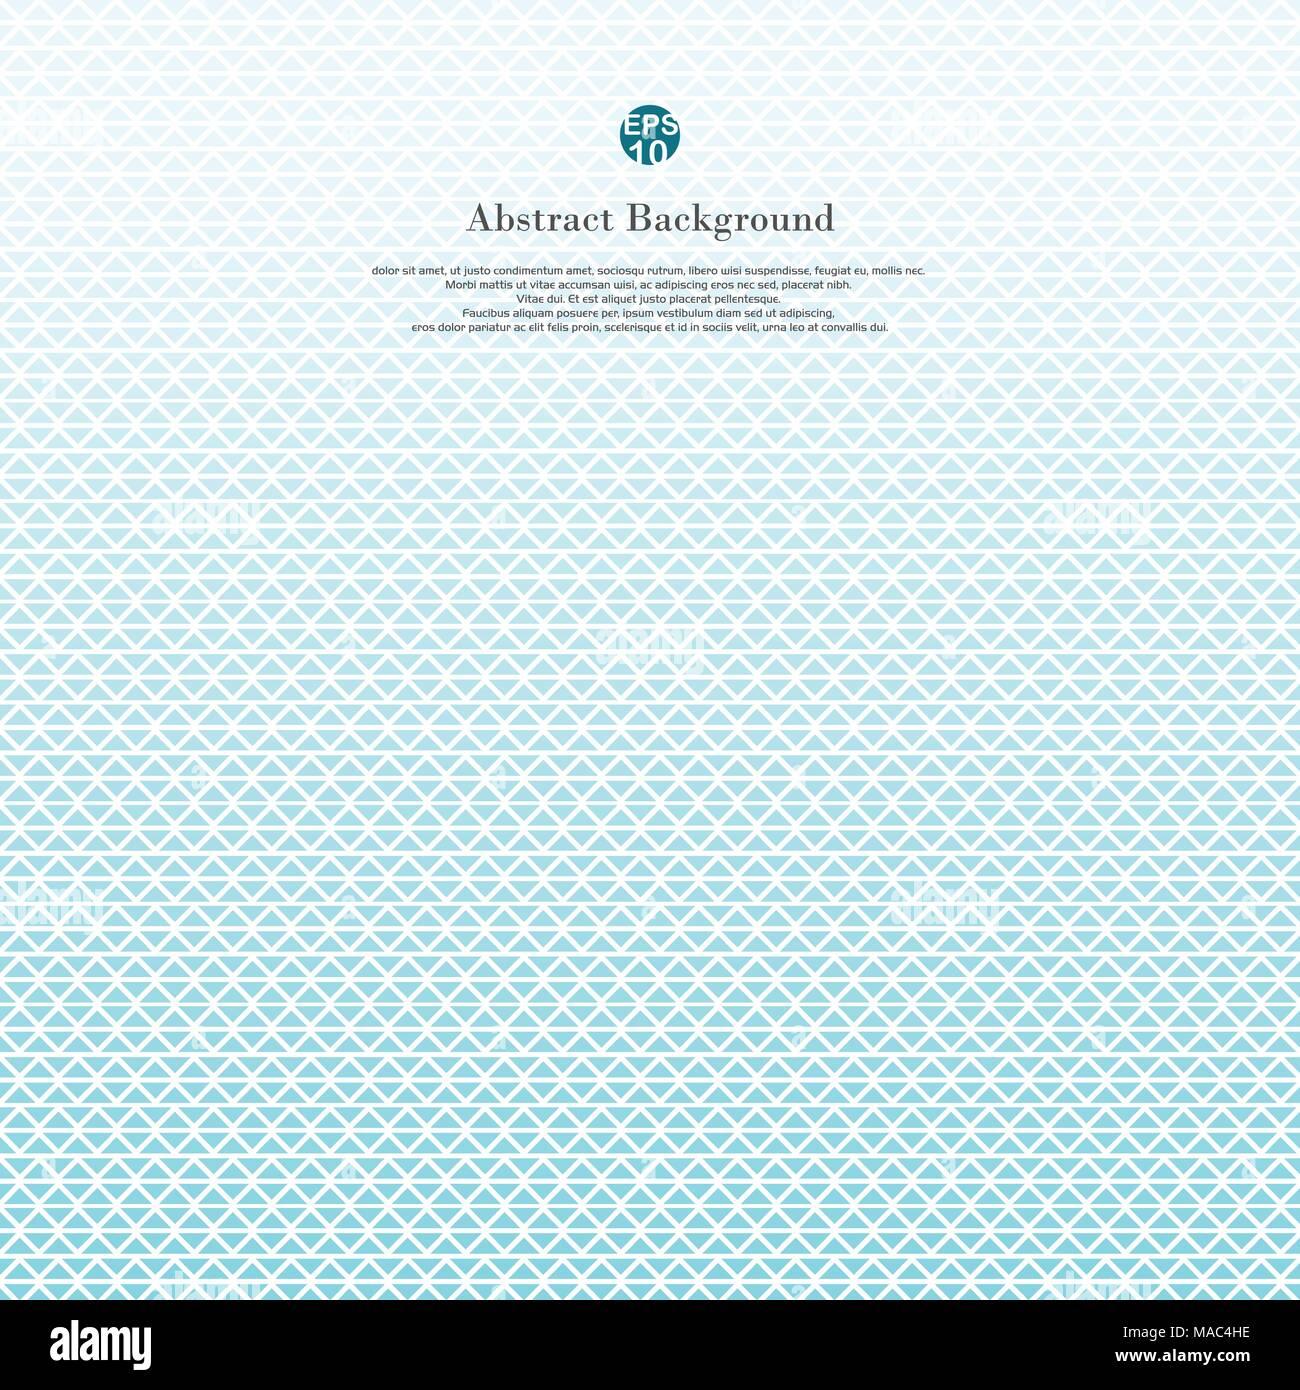 Zusammenfassung Von Blaues Dreieck Linien Wave Einfaches Muster